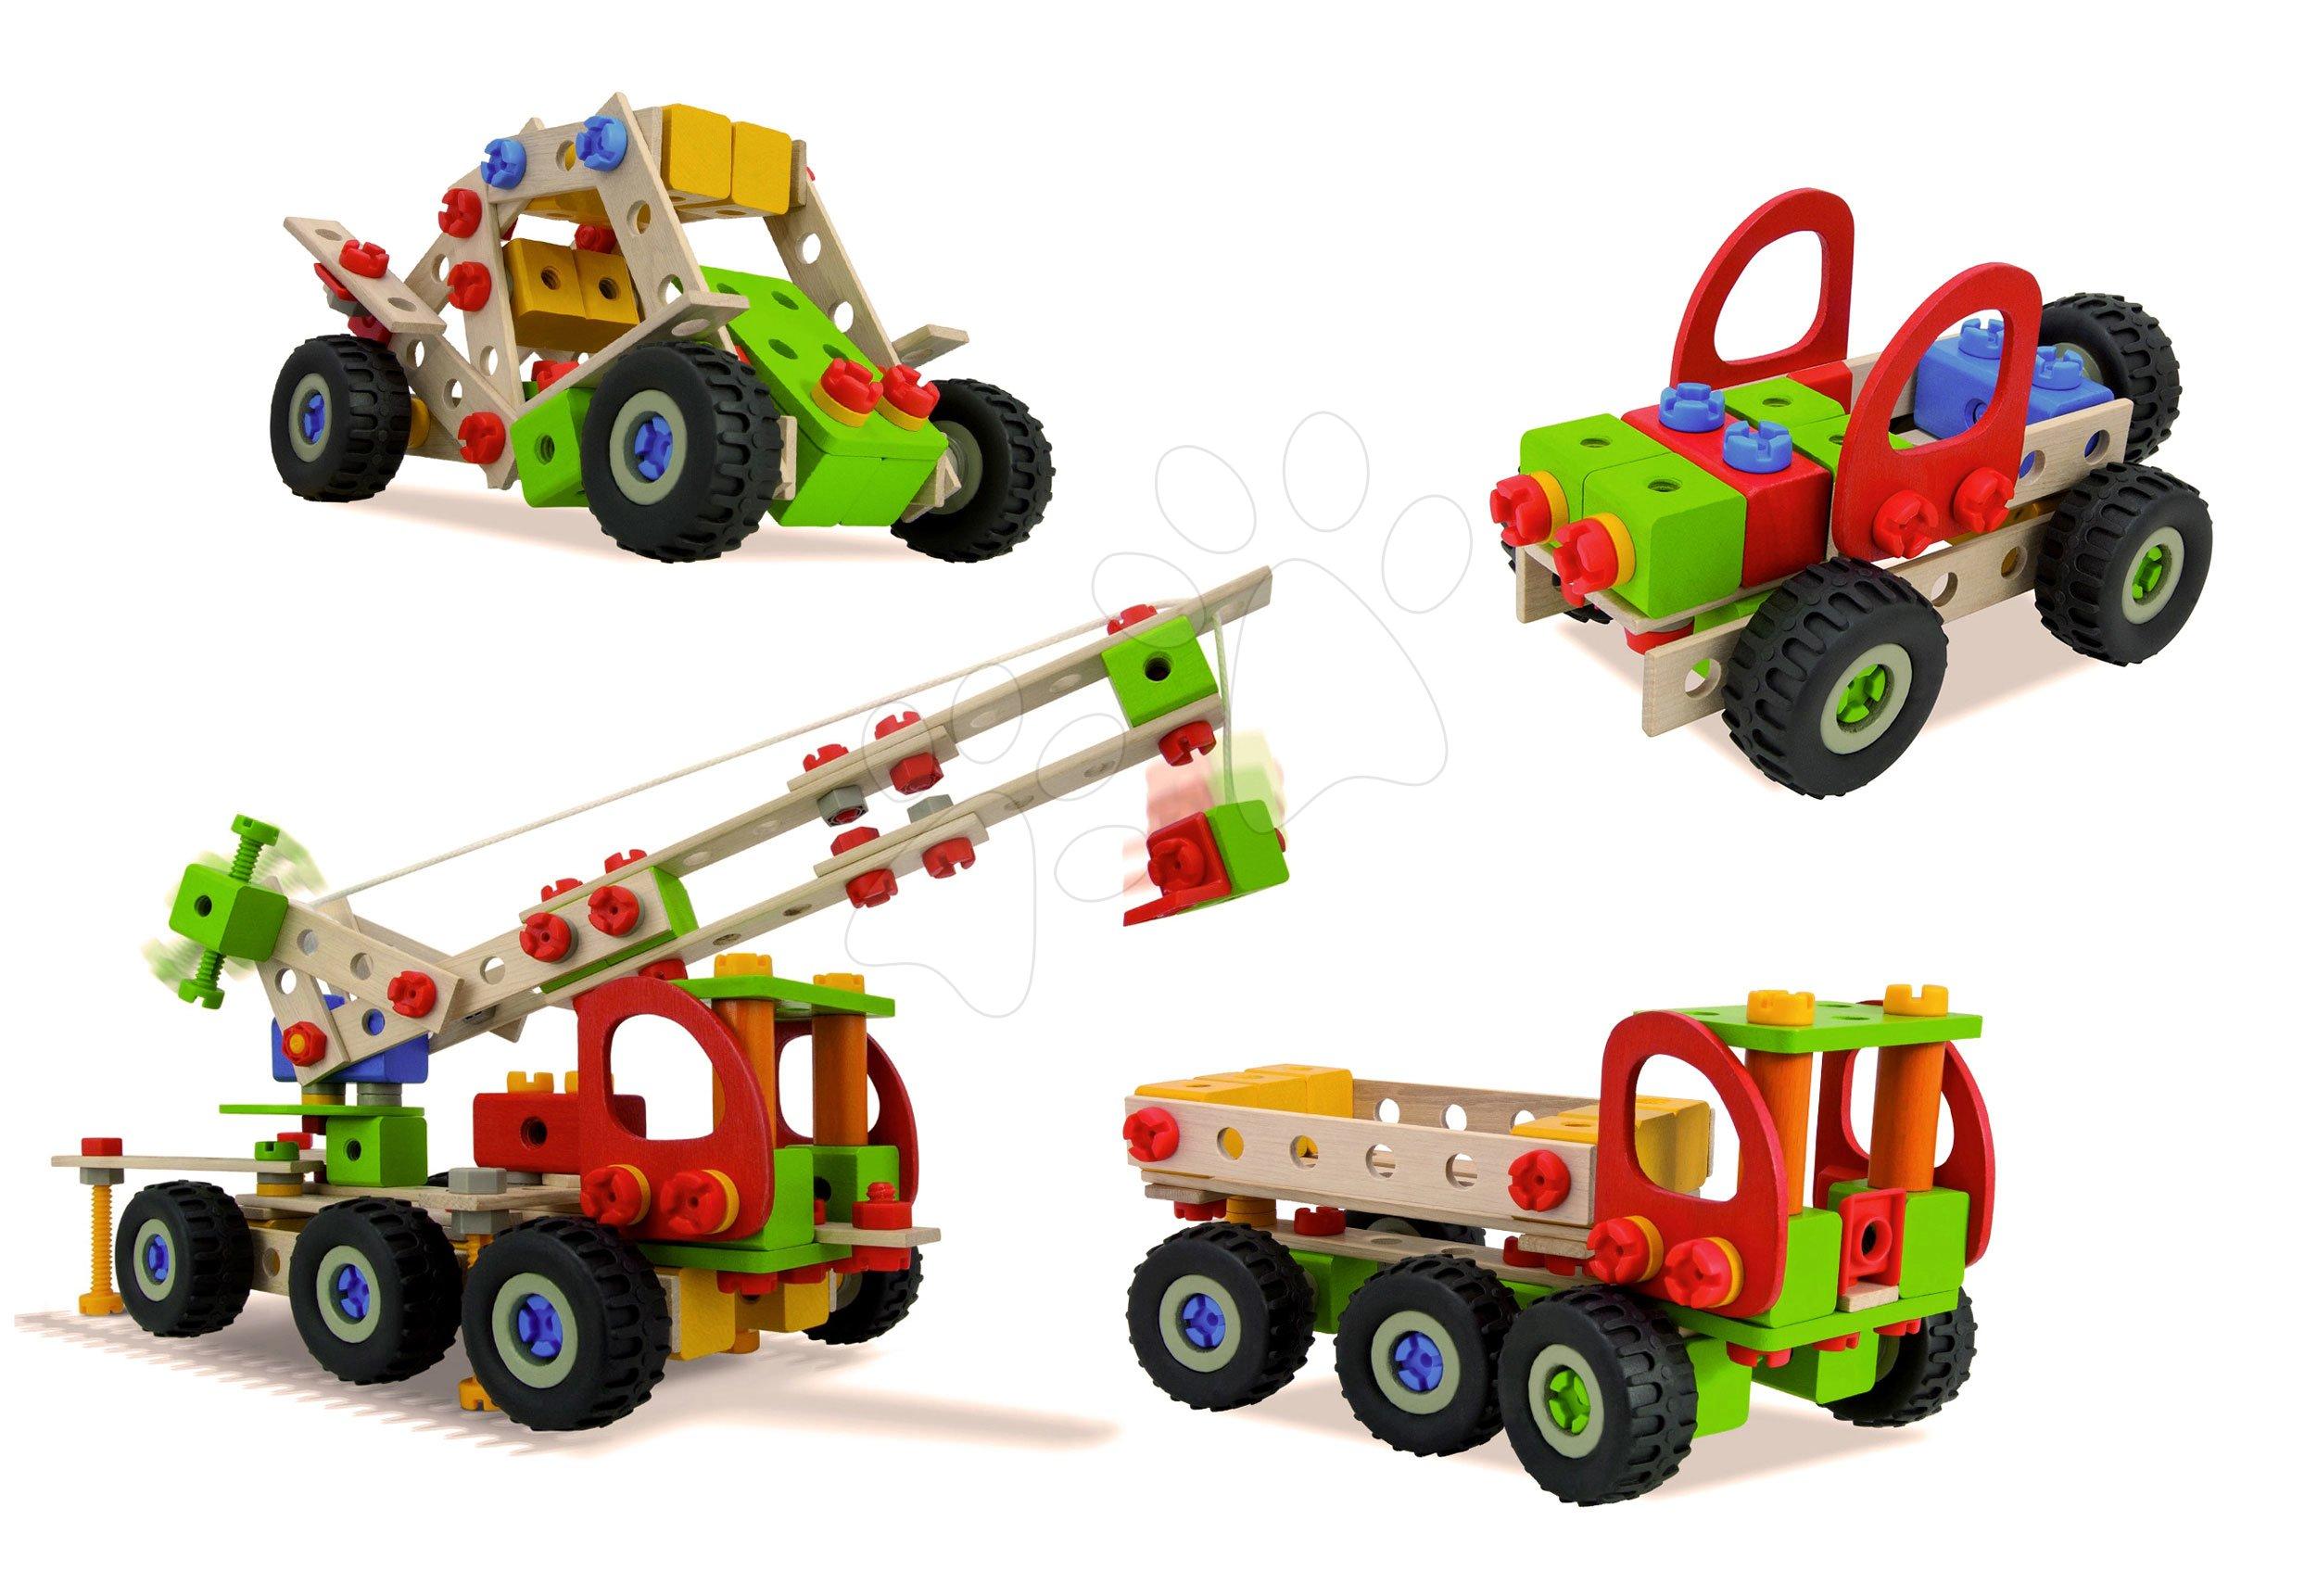 Drevená stavebnica pojazdný žeriav Constructor Mobile Crane Eichhorn štyri modely (žeriav, buggy, jeep, nákladné auto) 190 dielov od 6 rokov EH39039